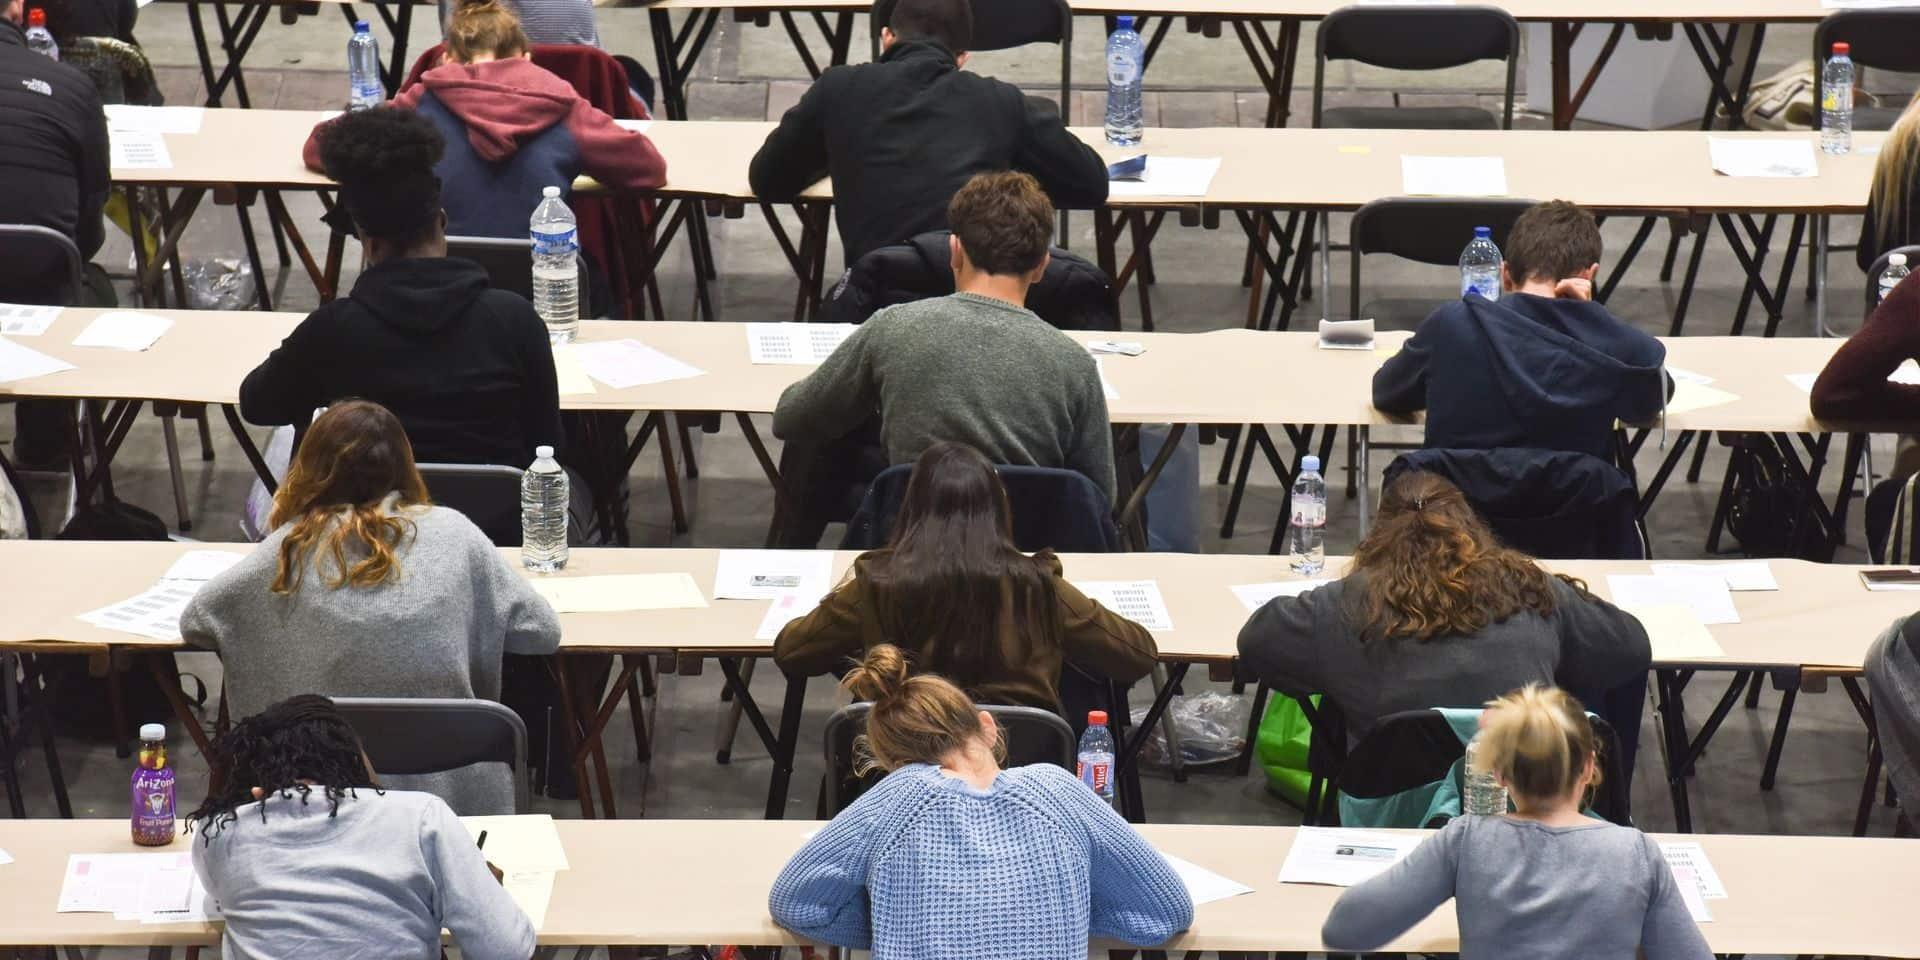 Enseignement supérieur en FWB: l'arc-en-ciel rejette une résolution PTB sur les examens de juin